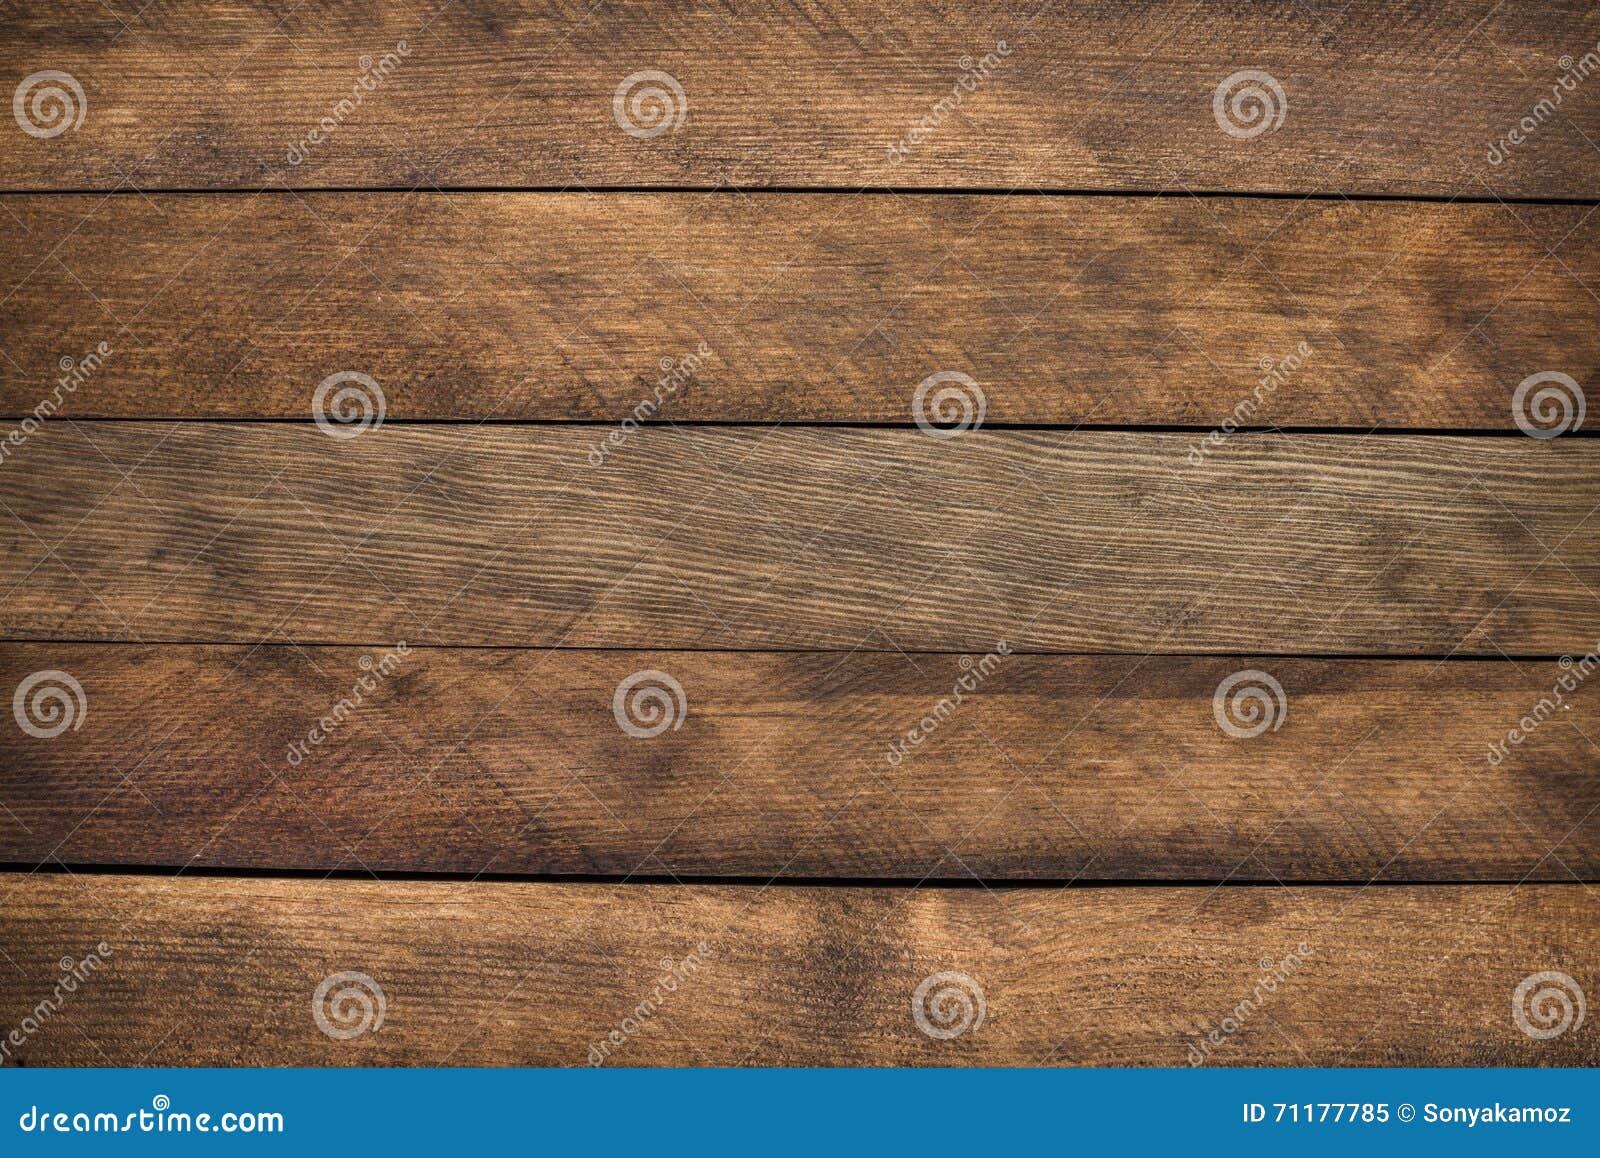 Textura de madera de brown estilo r stico del vintage superficie fondo y papel pintado - Papel pintado rustico ...